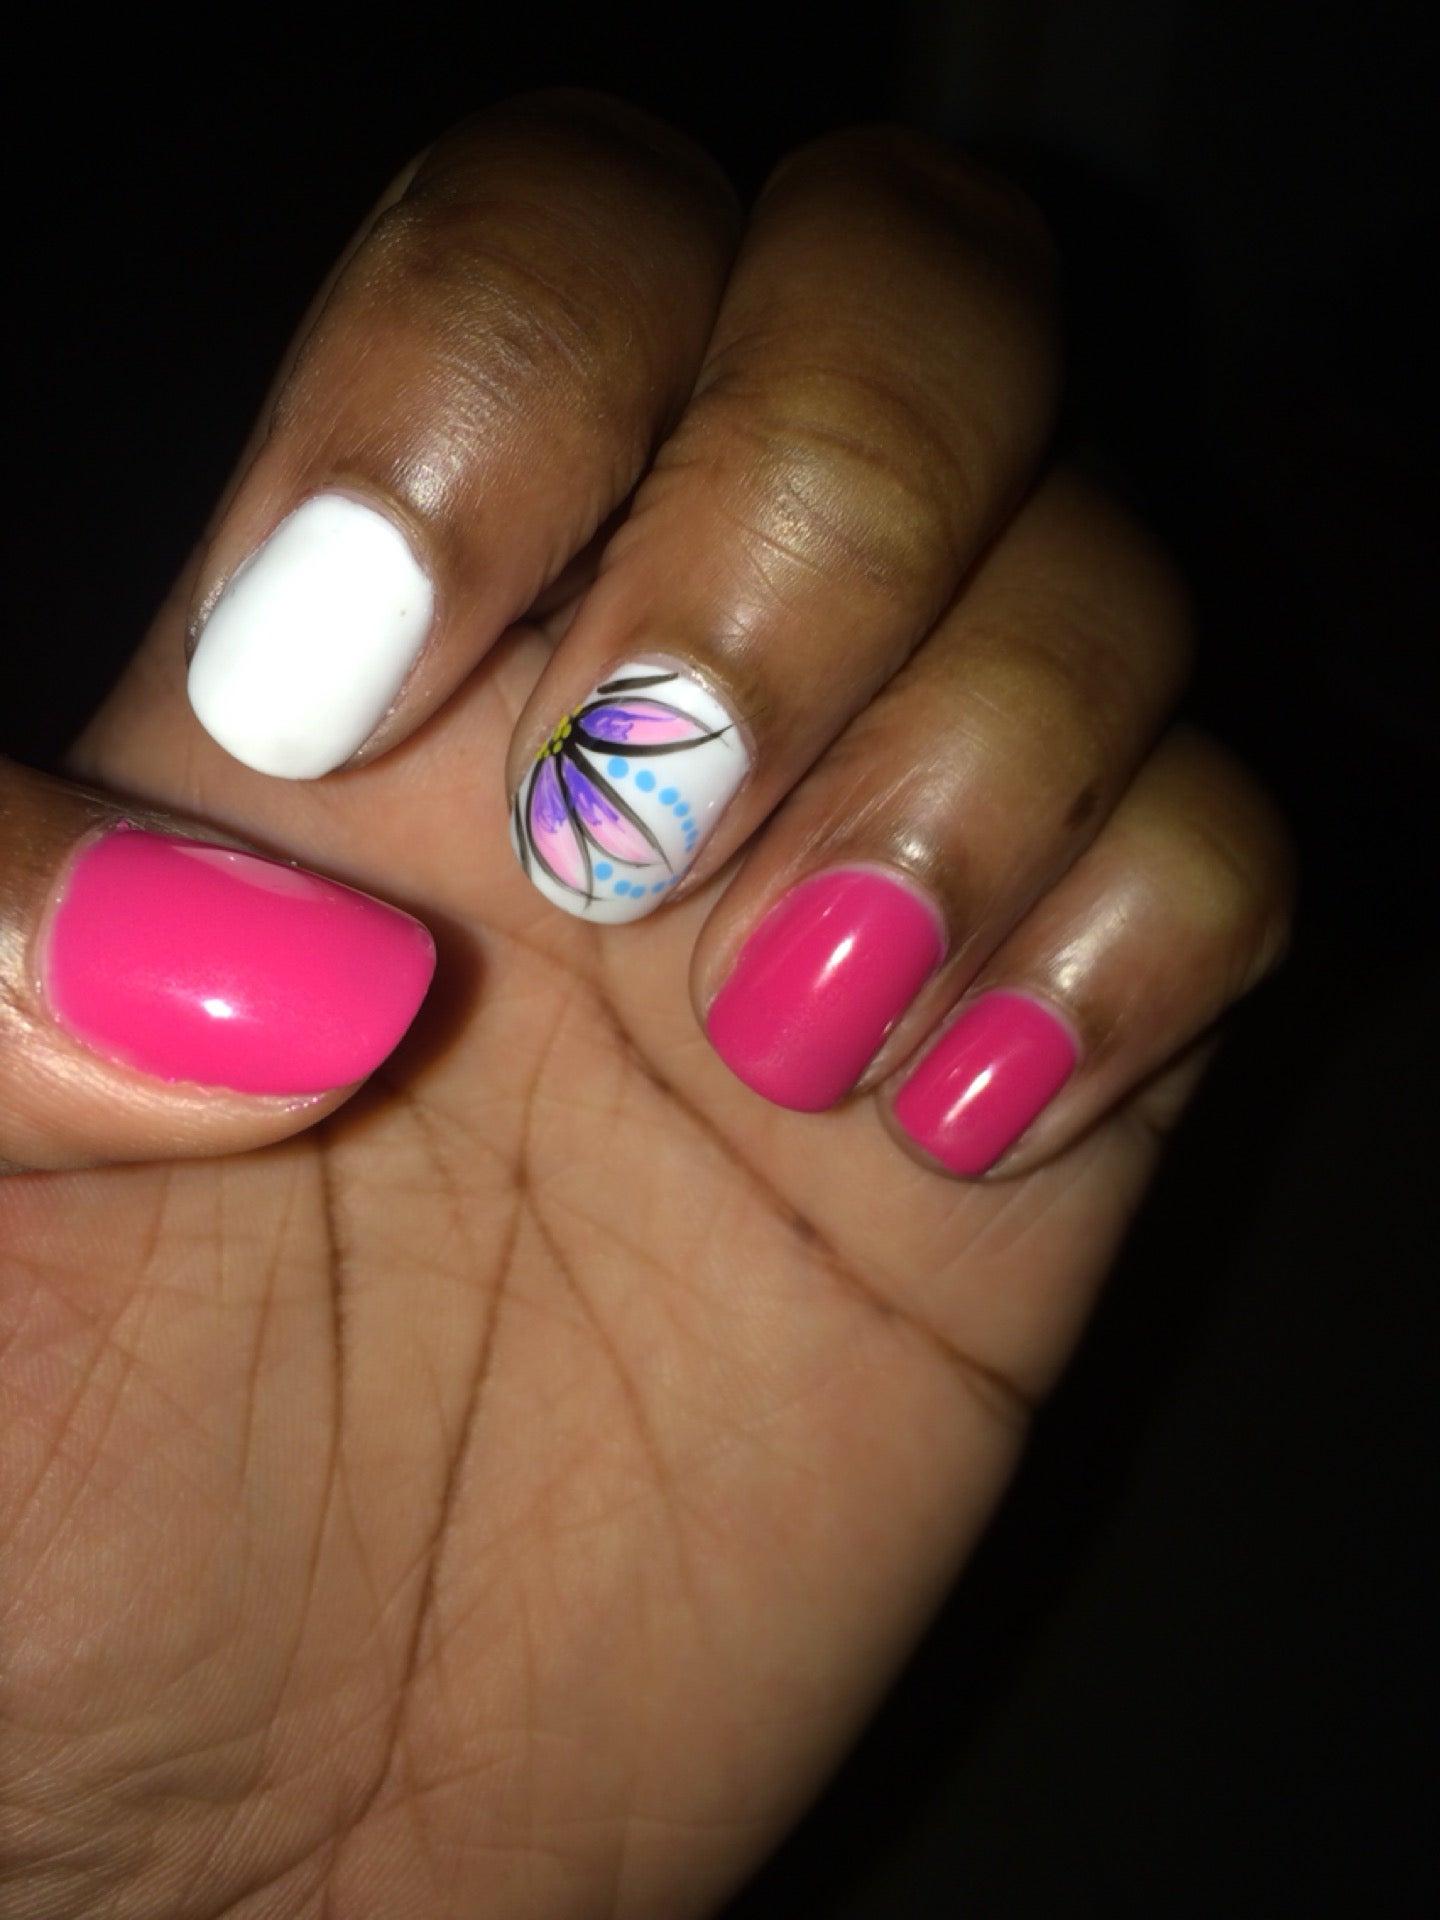 7 Nails & Spa,